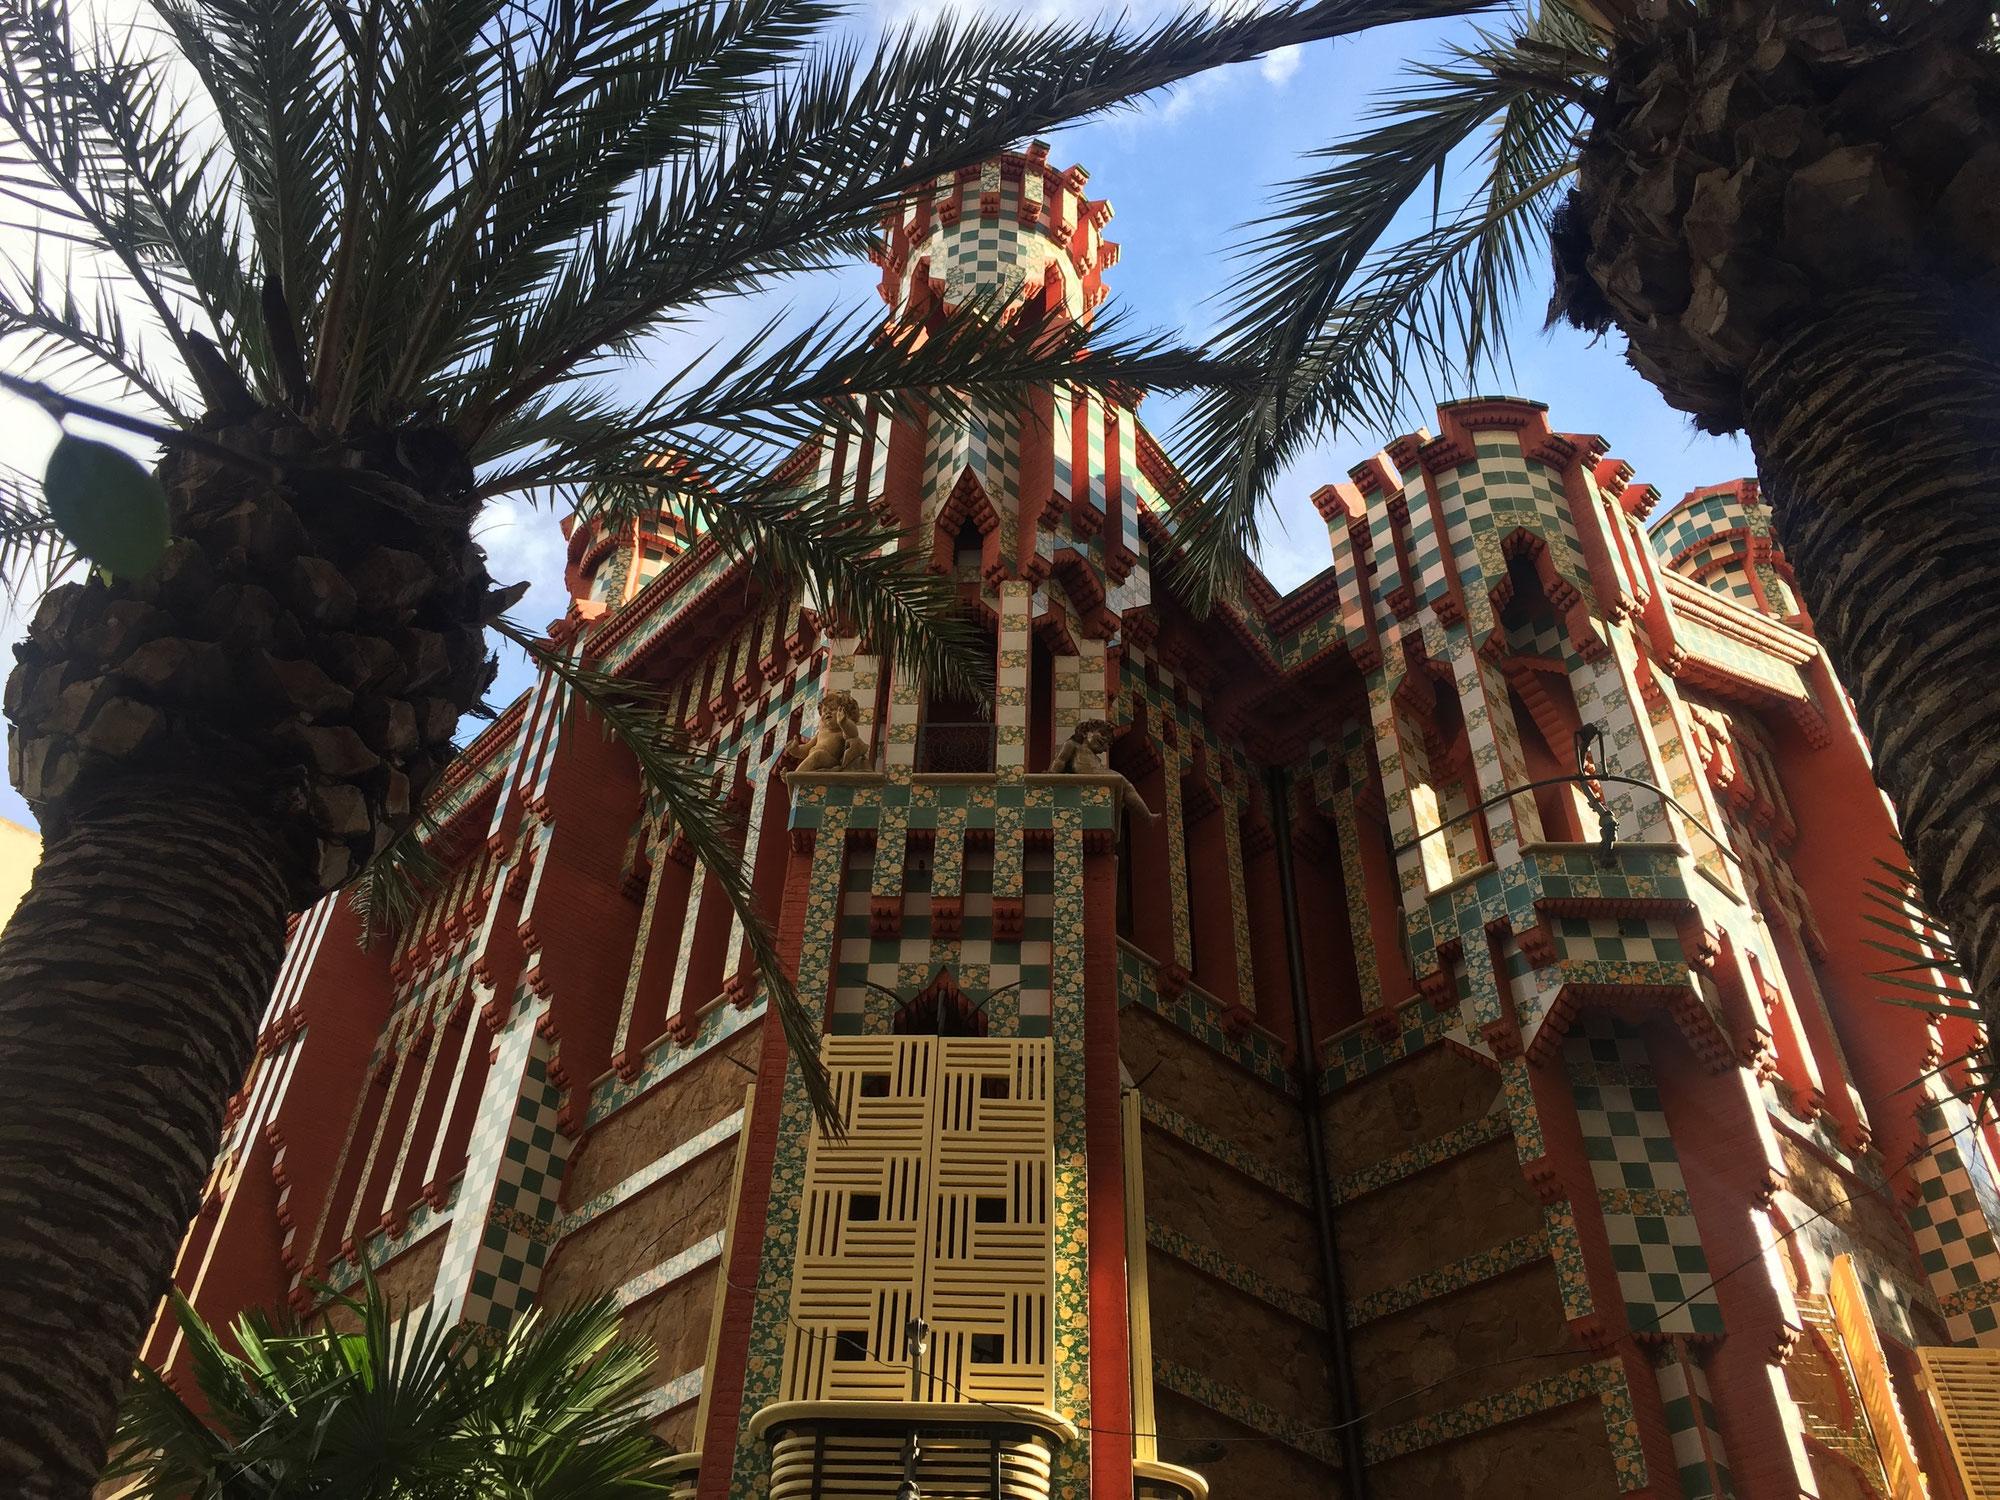 Nuevas aperturas de monumentos en Barcelona / Nuova apertura di monumenti a Barcellona - Casa Vicens Gaudí